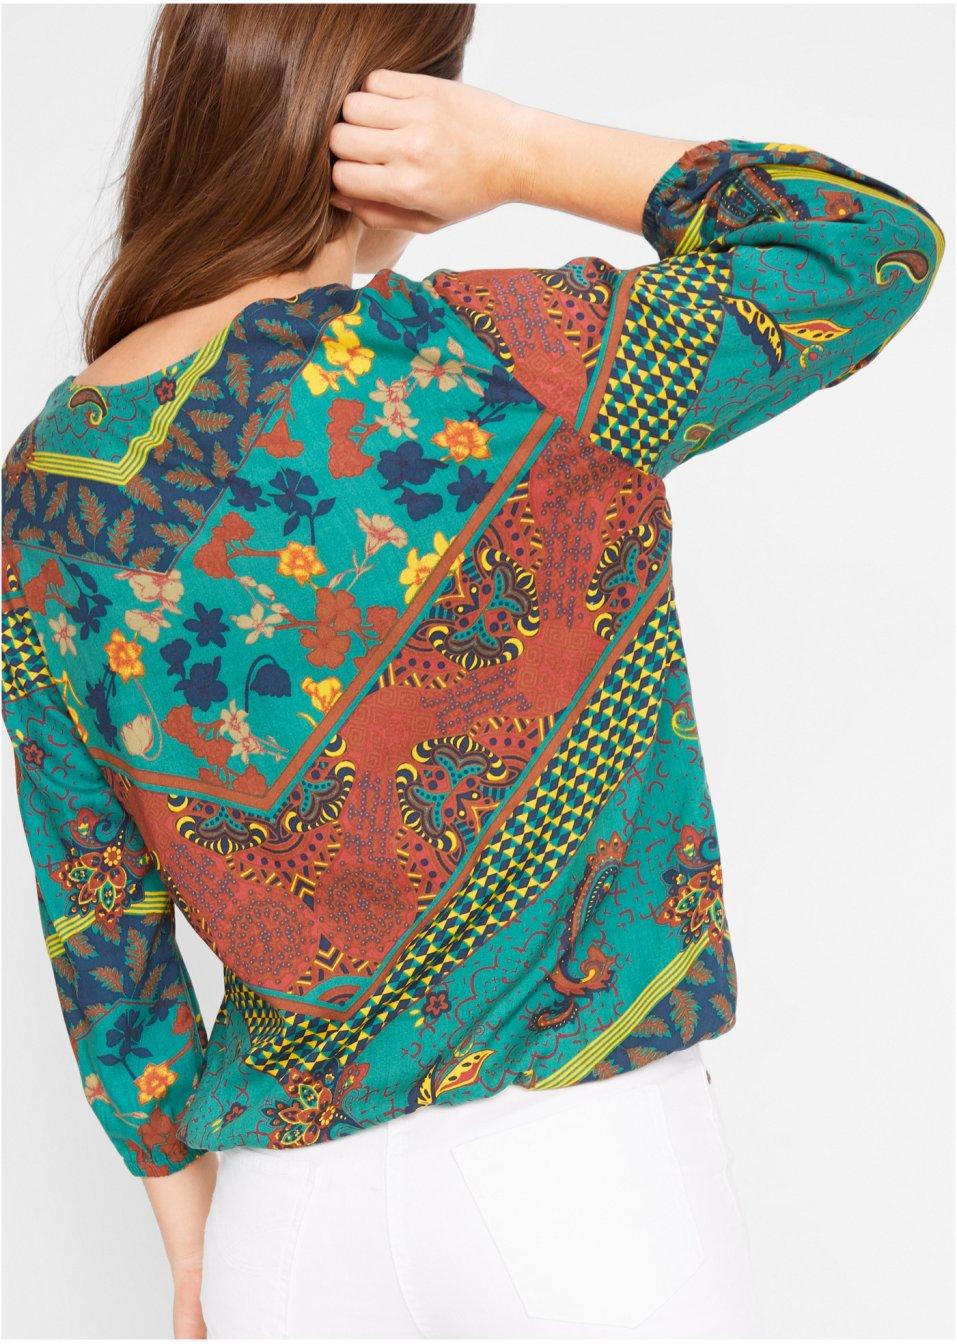 Mode Femme Vêtements DJLfdOFlkj Tunique imprimée avec élastique, manches 3/4 émeraude imprimé John Baner JEANSWEAR acheter online .fr